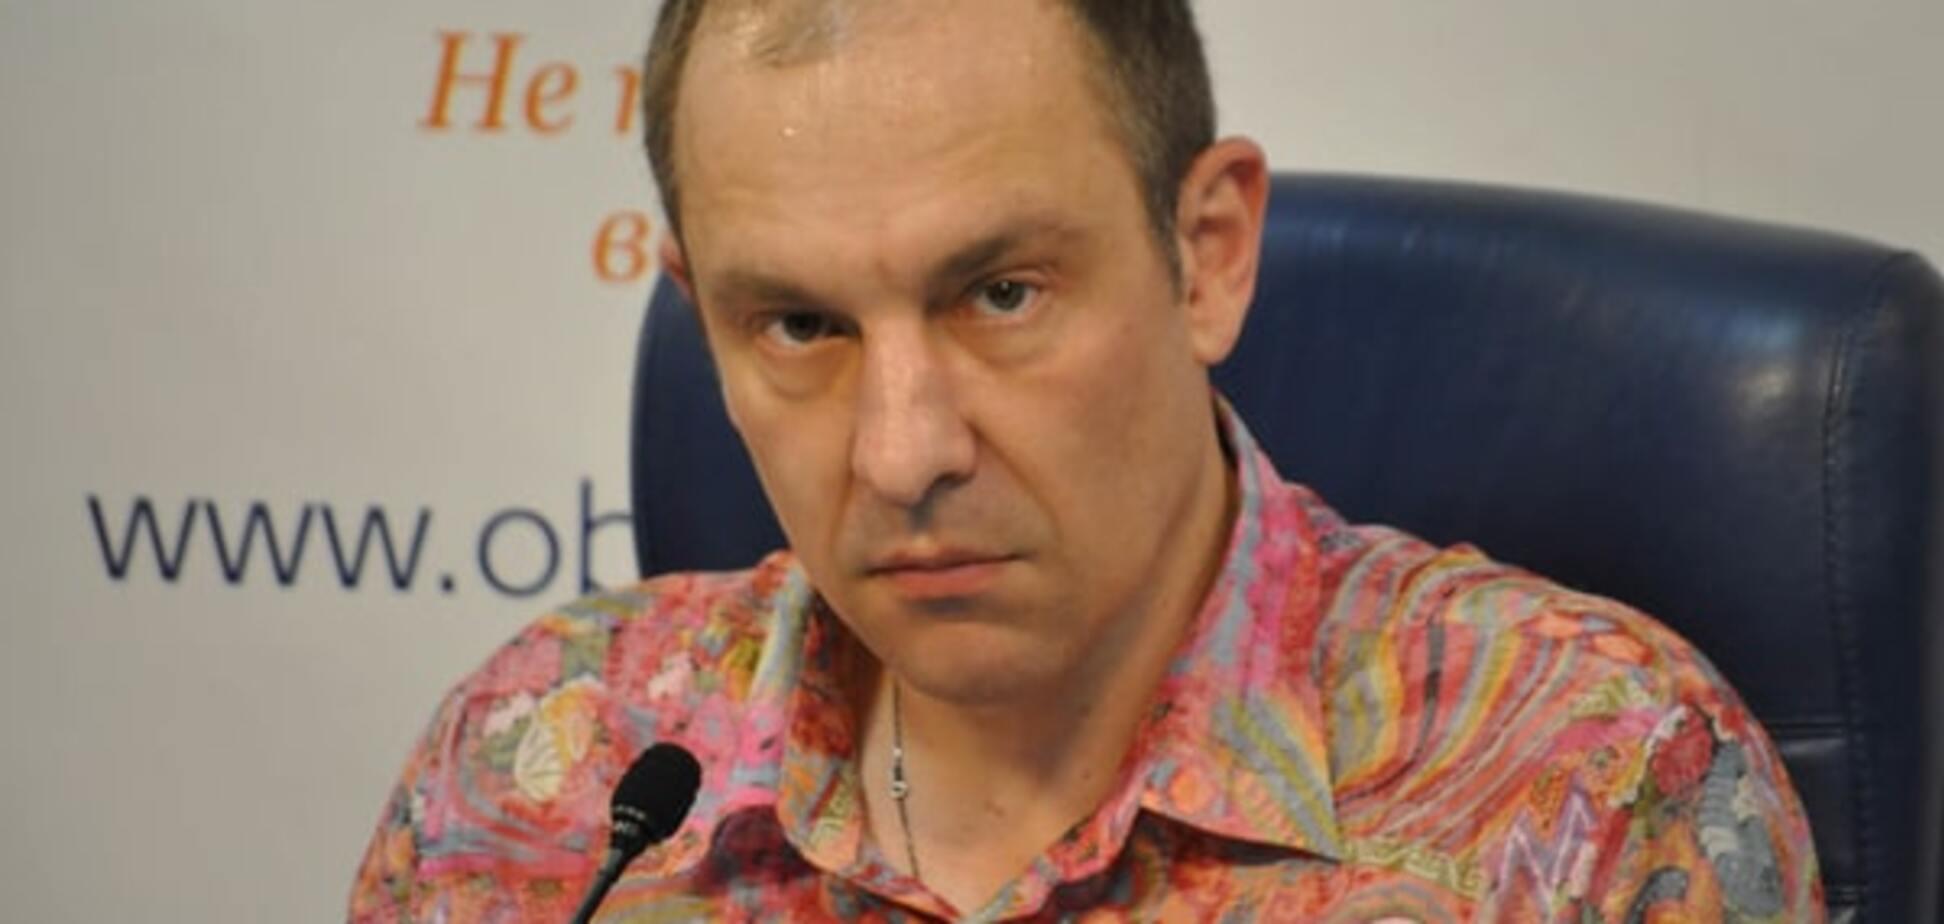 В Москве ждут, что блокада Крыма закончится через одну-две недели - Окара